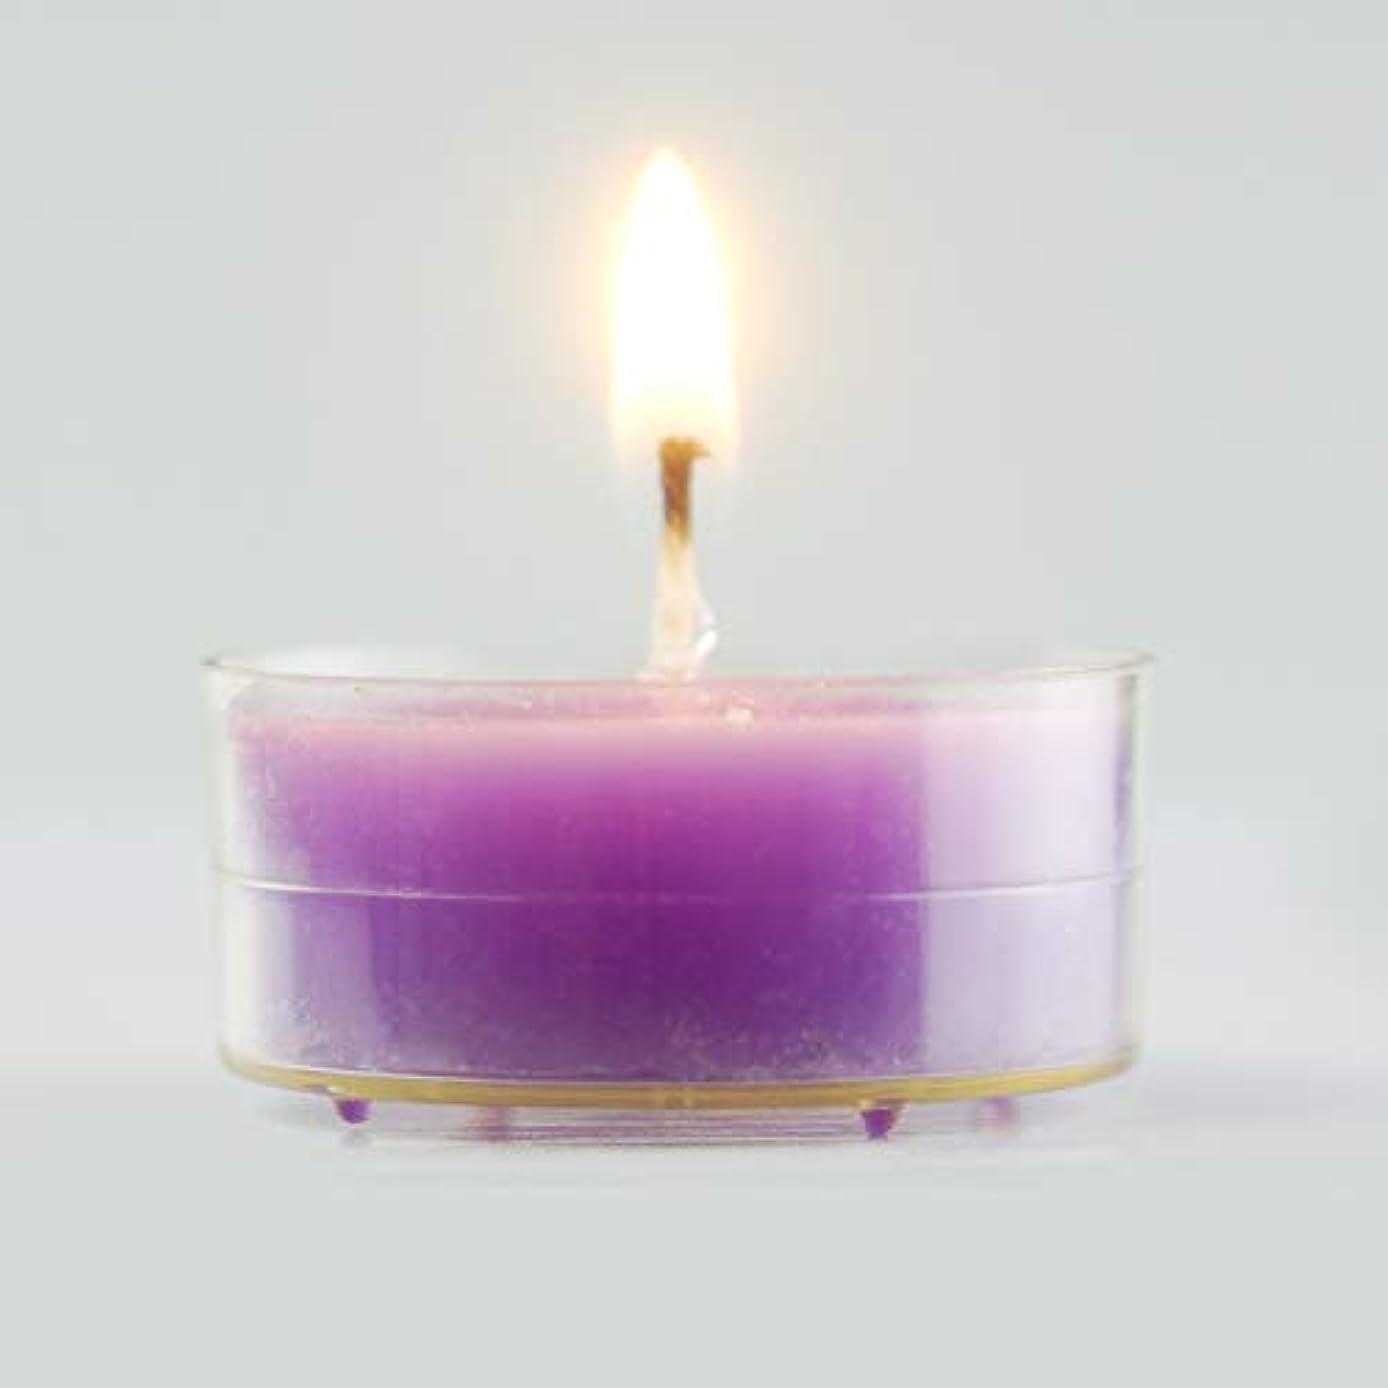 穀物砂のマラソン環境に優しいキャンドル きれいな無煙大豆ワックス色味茶ワックス48ピース4時間燃える時間白いキャンドルライト用家の装飾、クリスマス休暇、結婚披露宴の装飾 実用的な無煙キャンドル (Color : Purple)